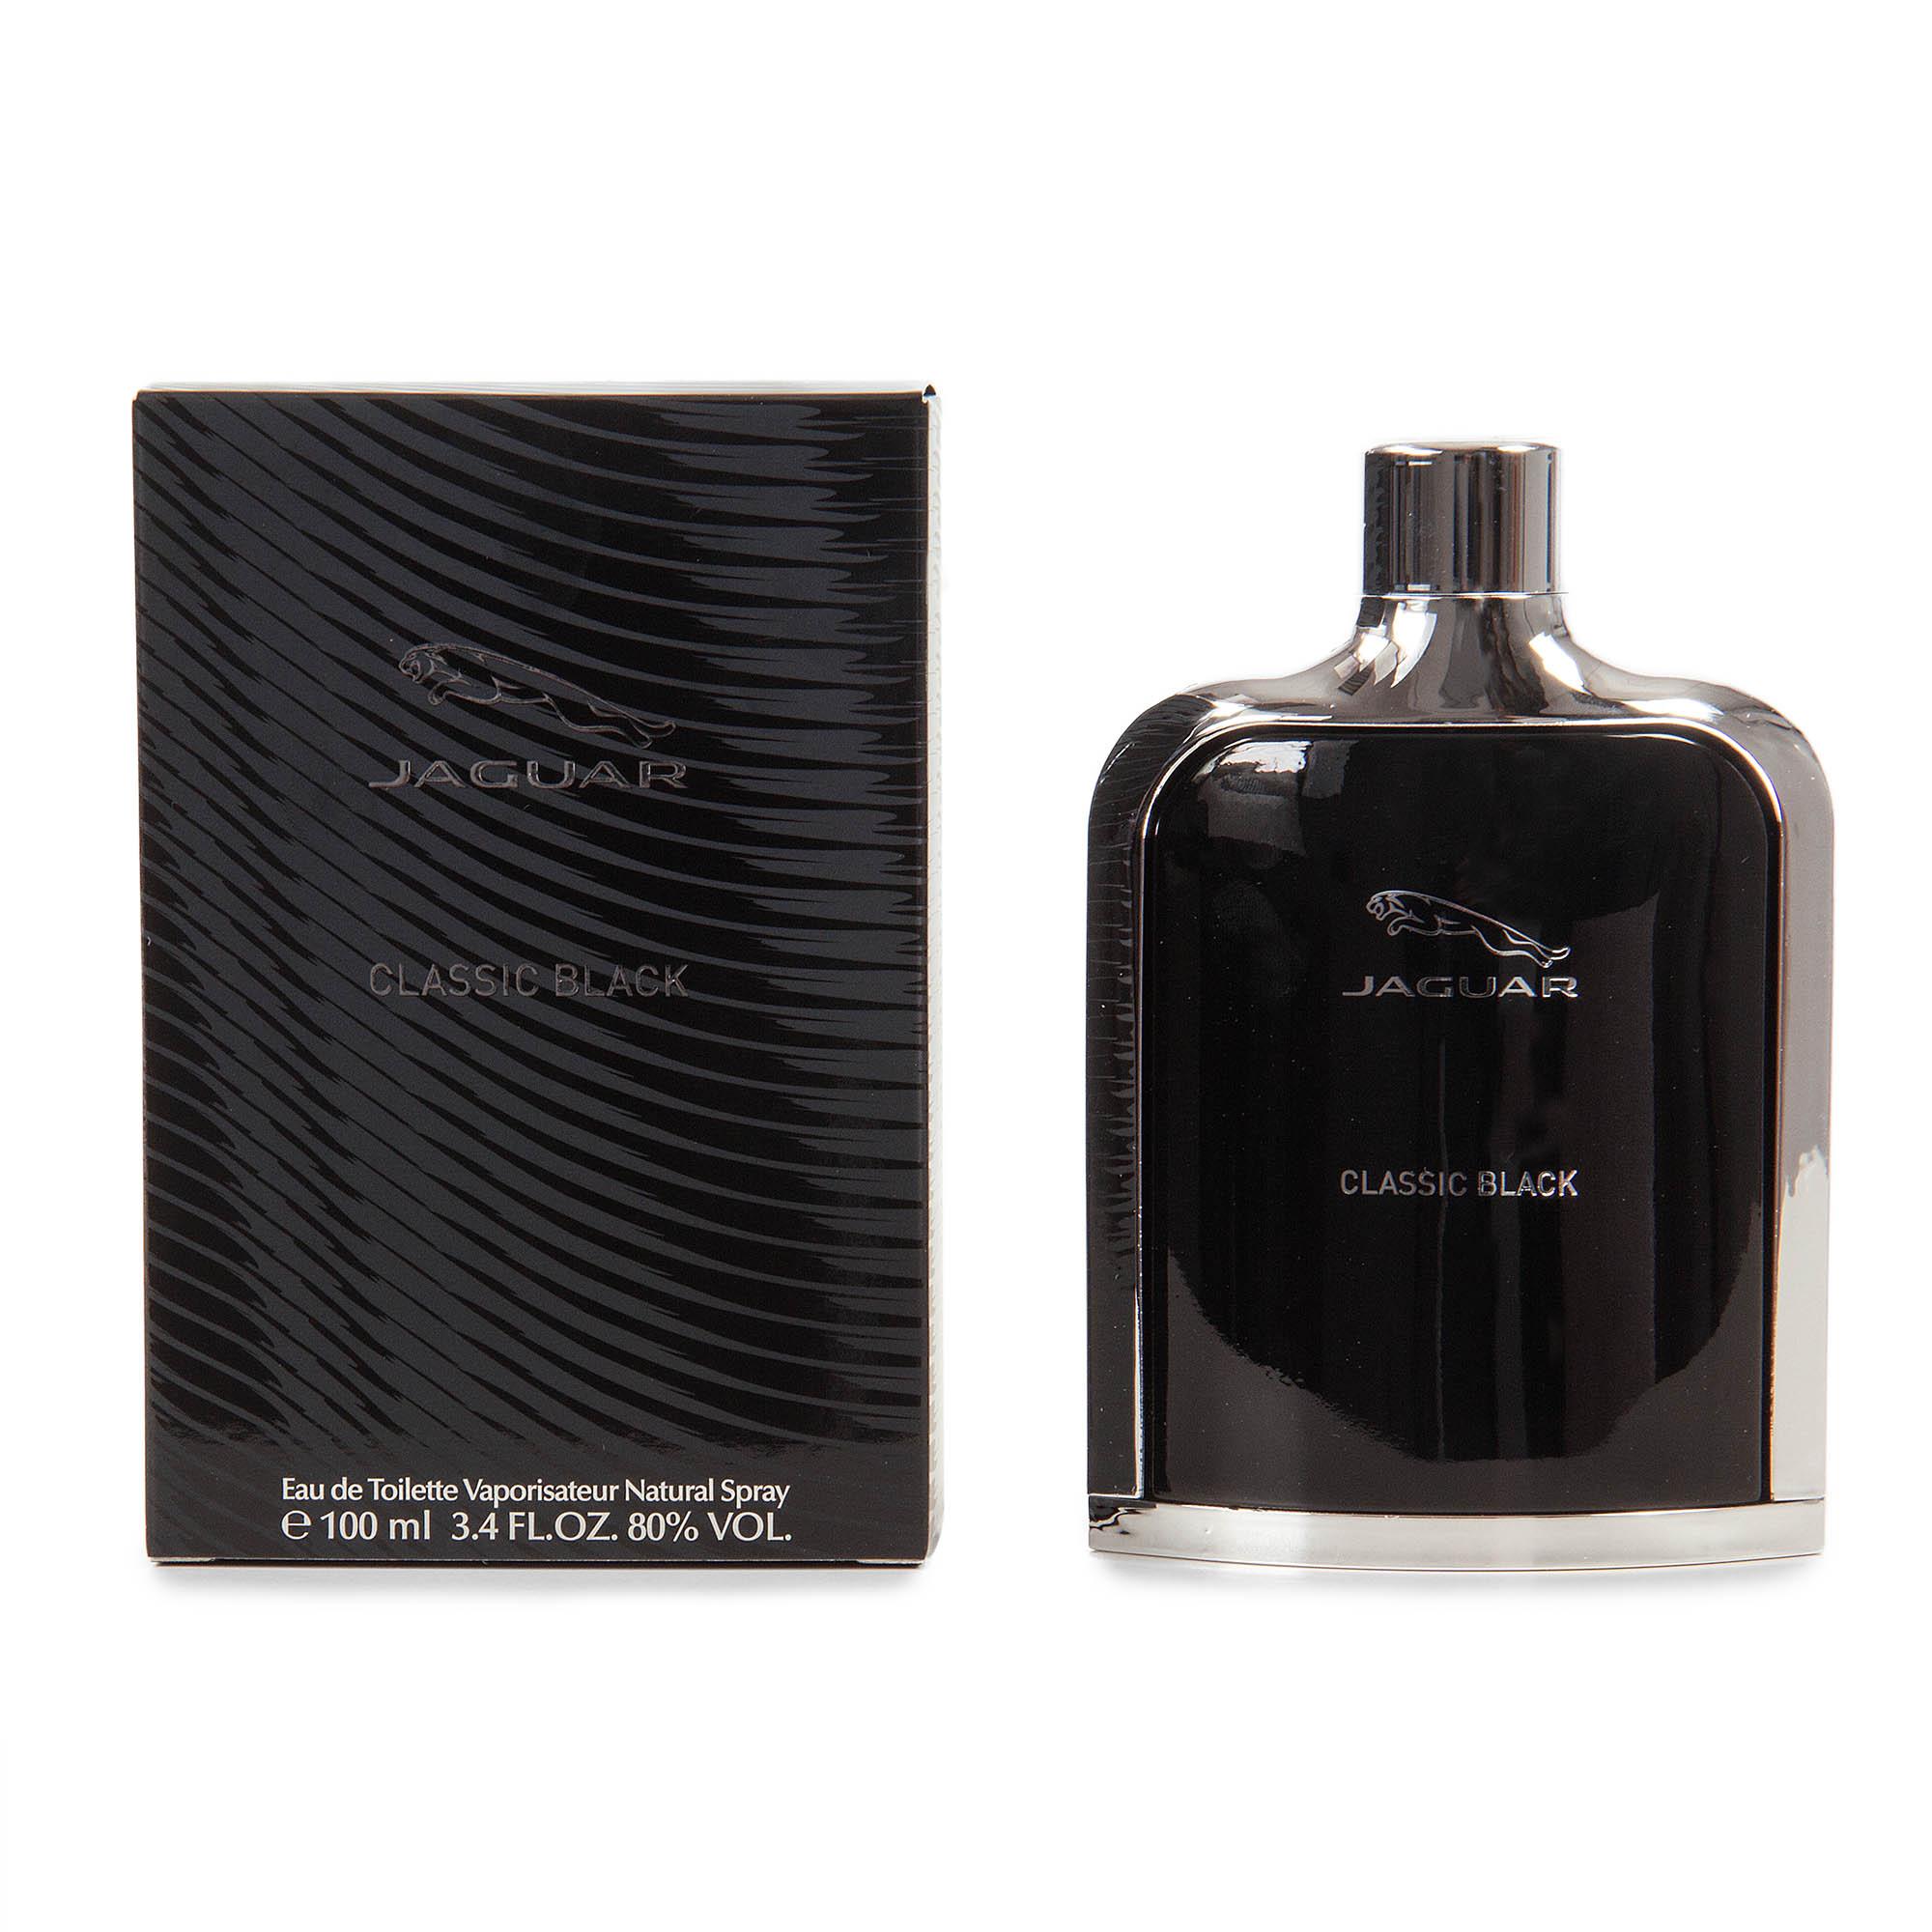 Black Classic Jaguar Parfum 100ml Homme Toilette Eau De PiuZkX